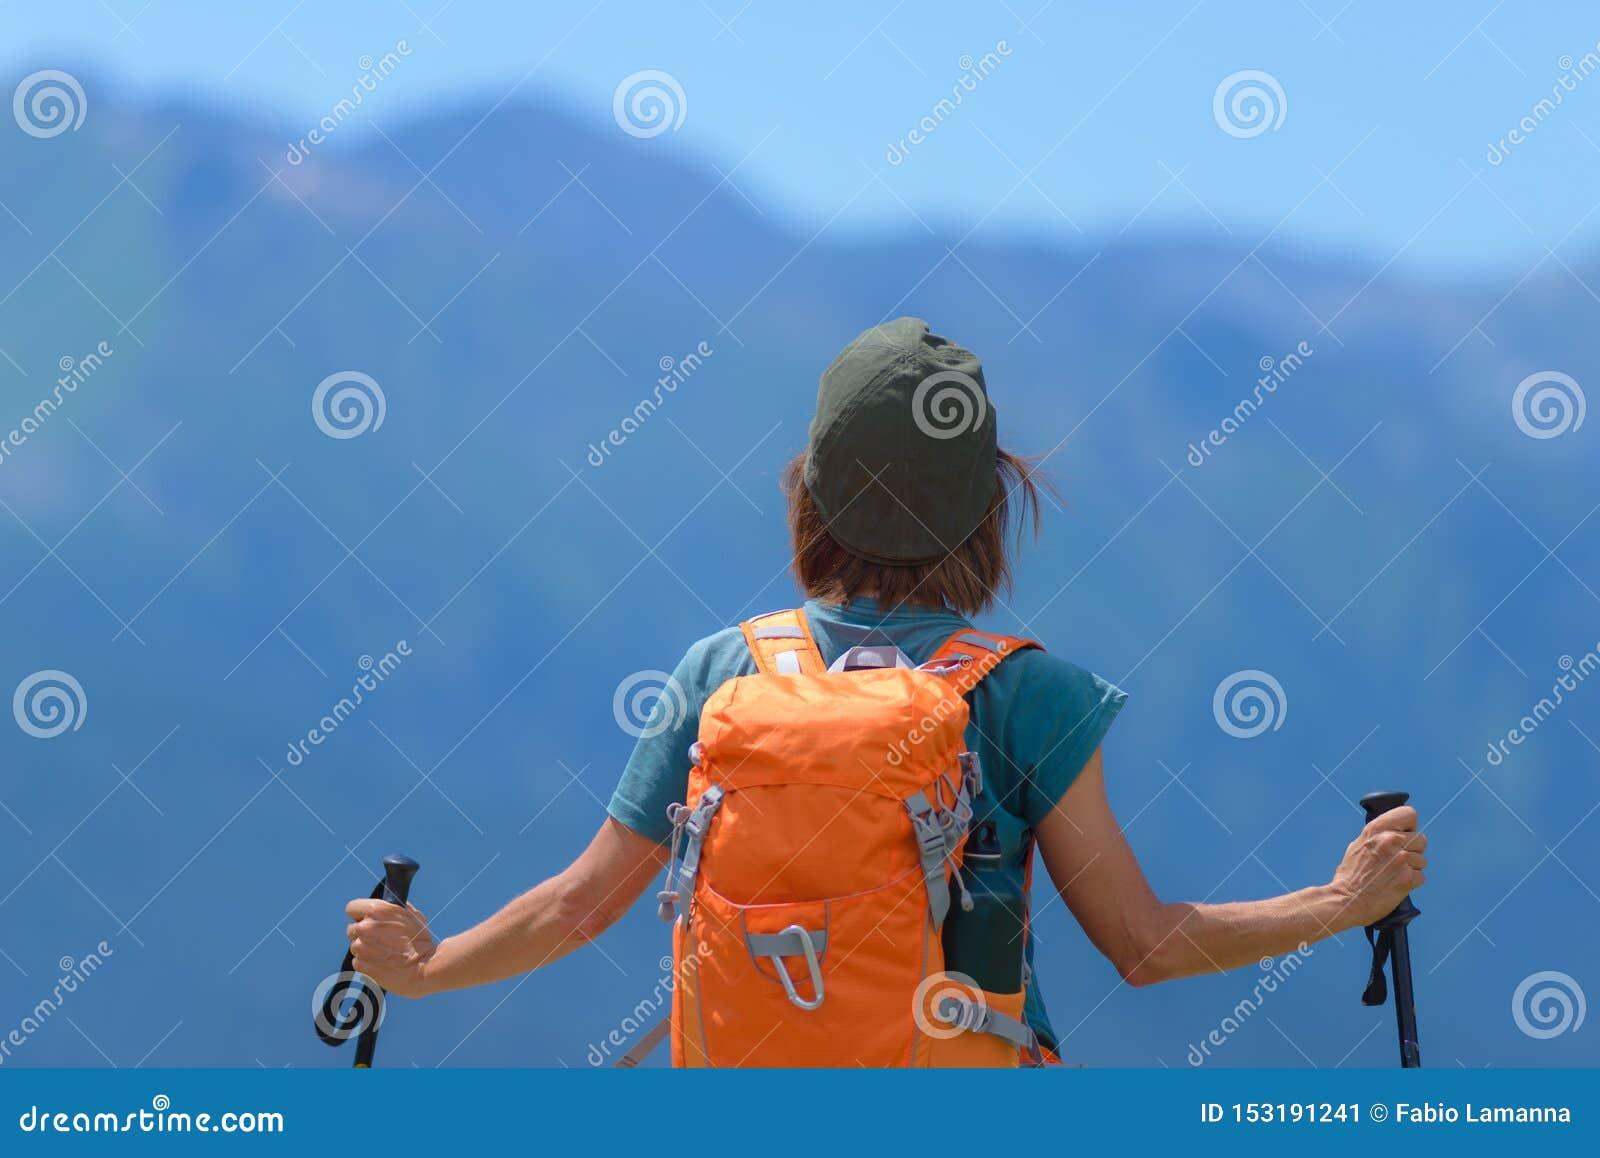 Caminhante da mulher na parte superior da montanha com trouxa e polos trekking, opinião traseira de foco seletivo, cumes no fundo